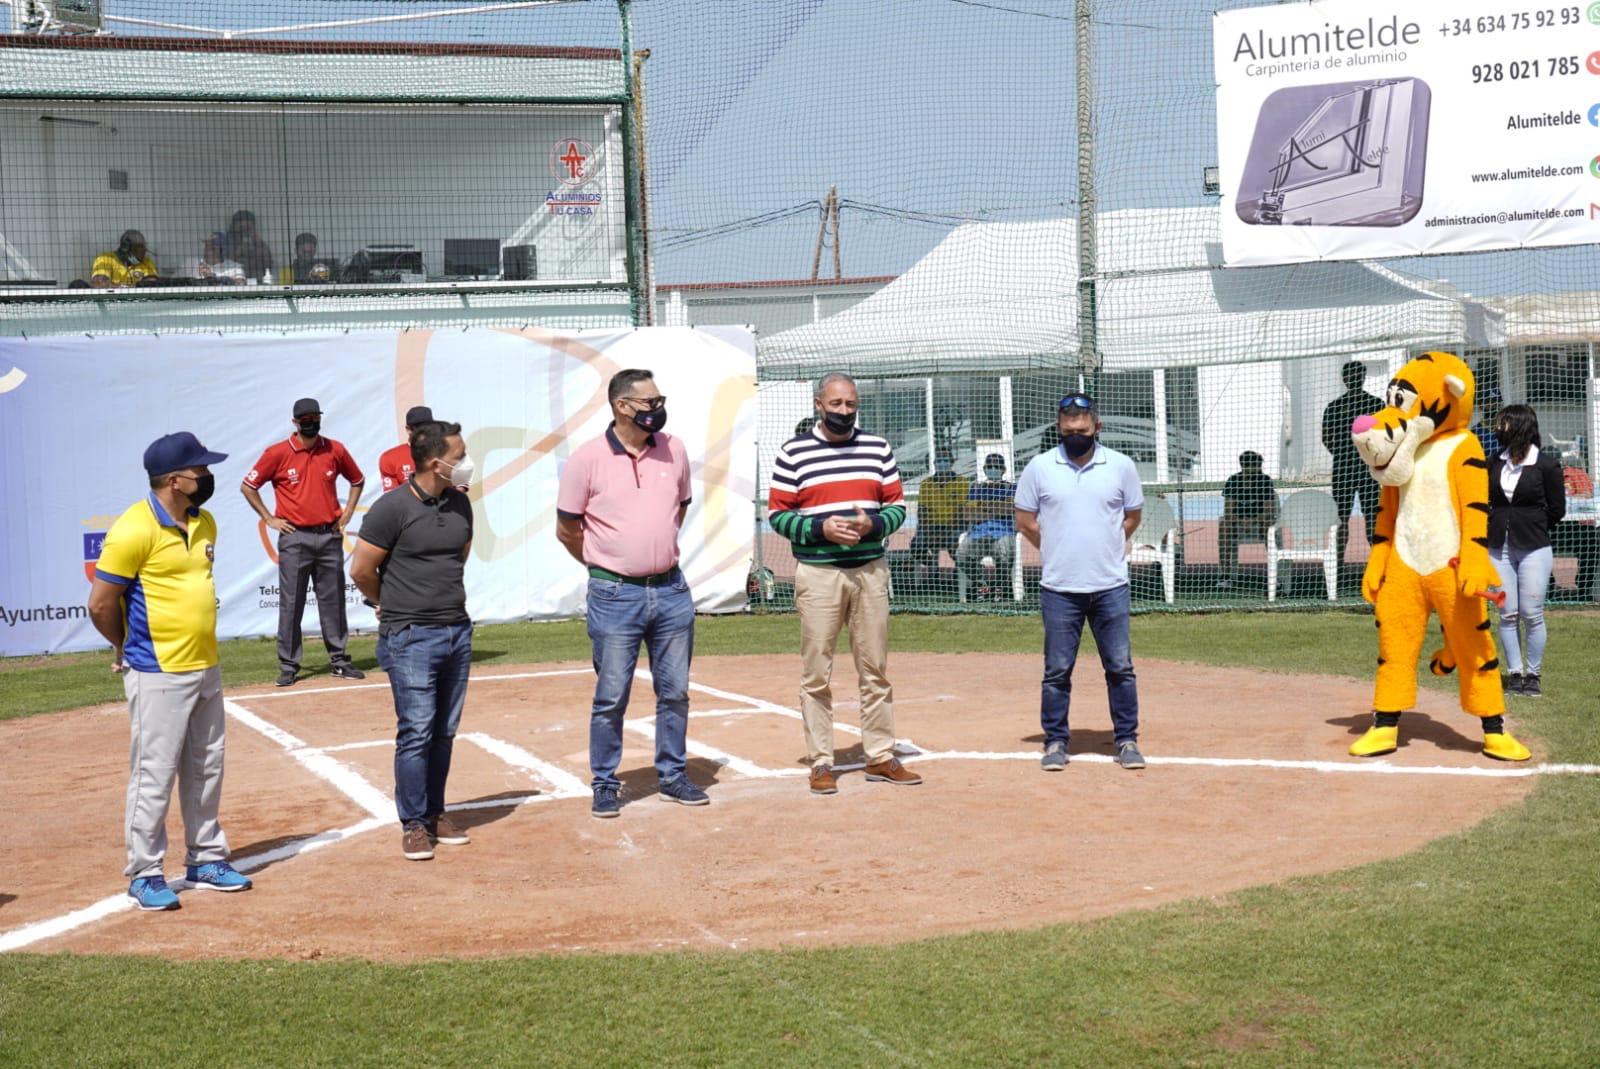 Béisbol y Sófbol Reuniones Federaciones, cabildos y ayuntamientos (4)_Fotor